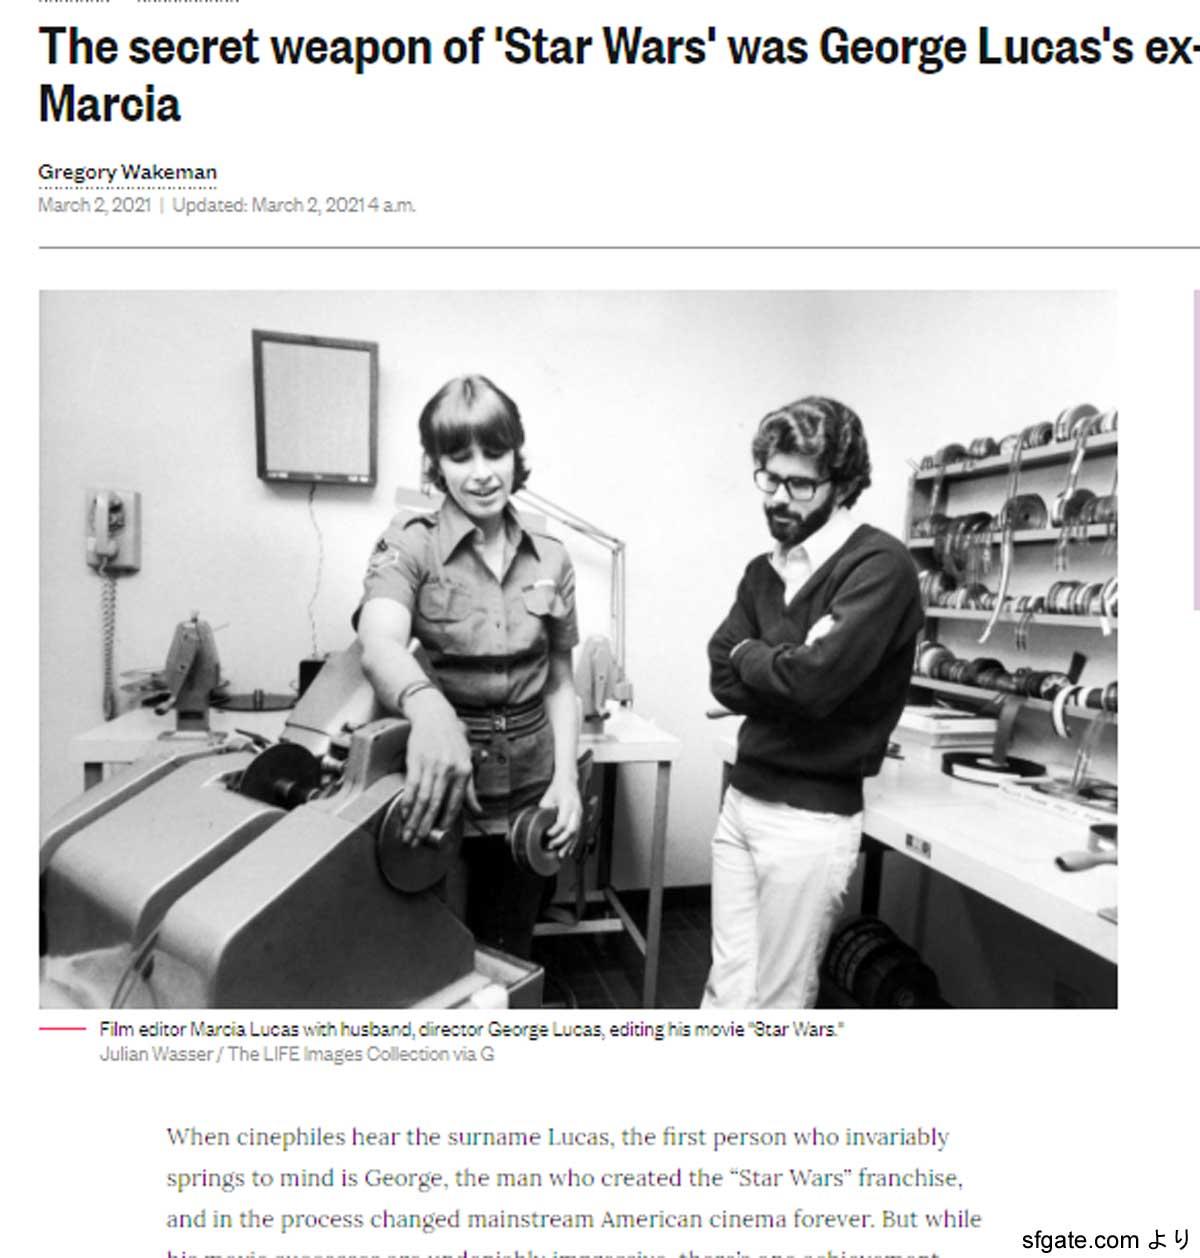 ジョージ・ルーカスと、元妻マルシア